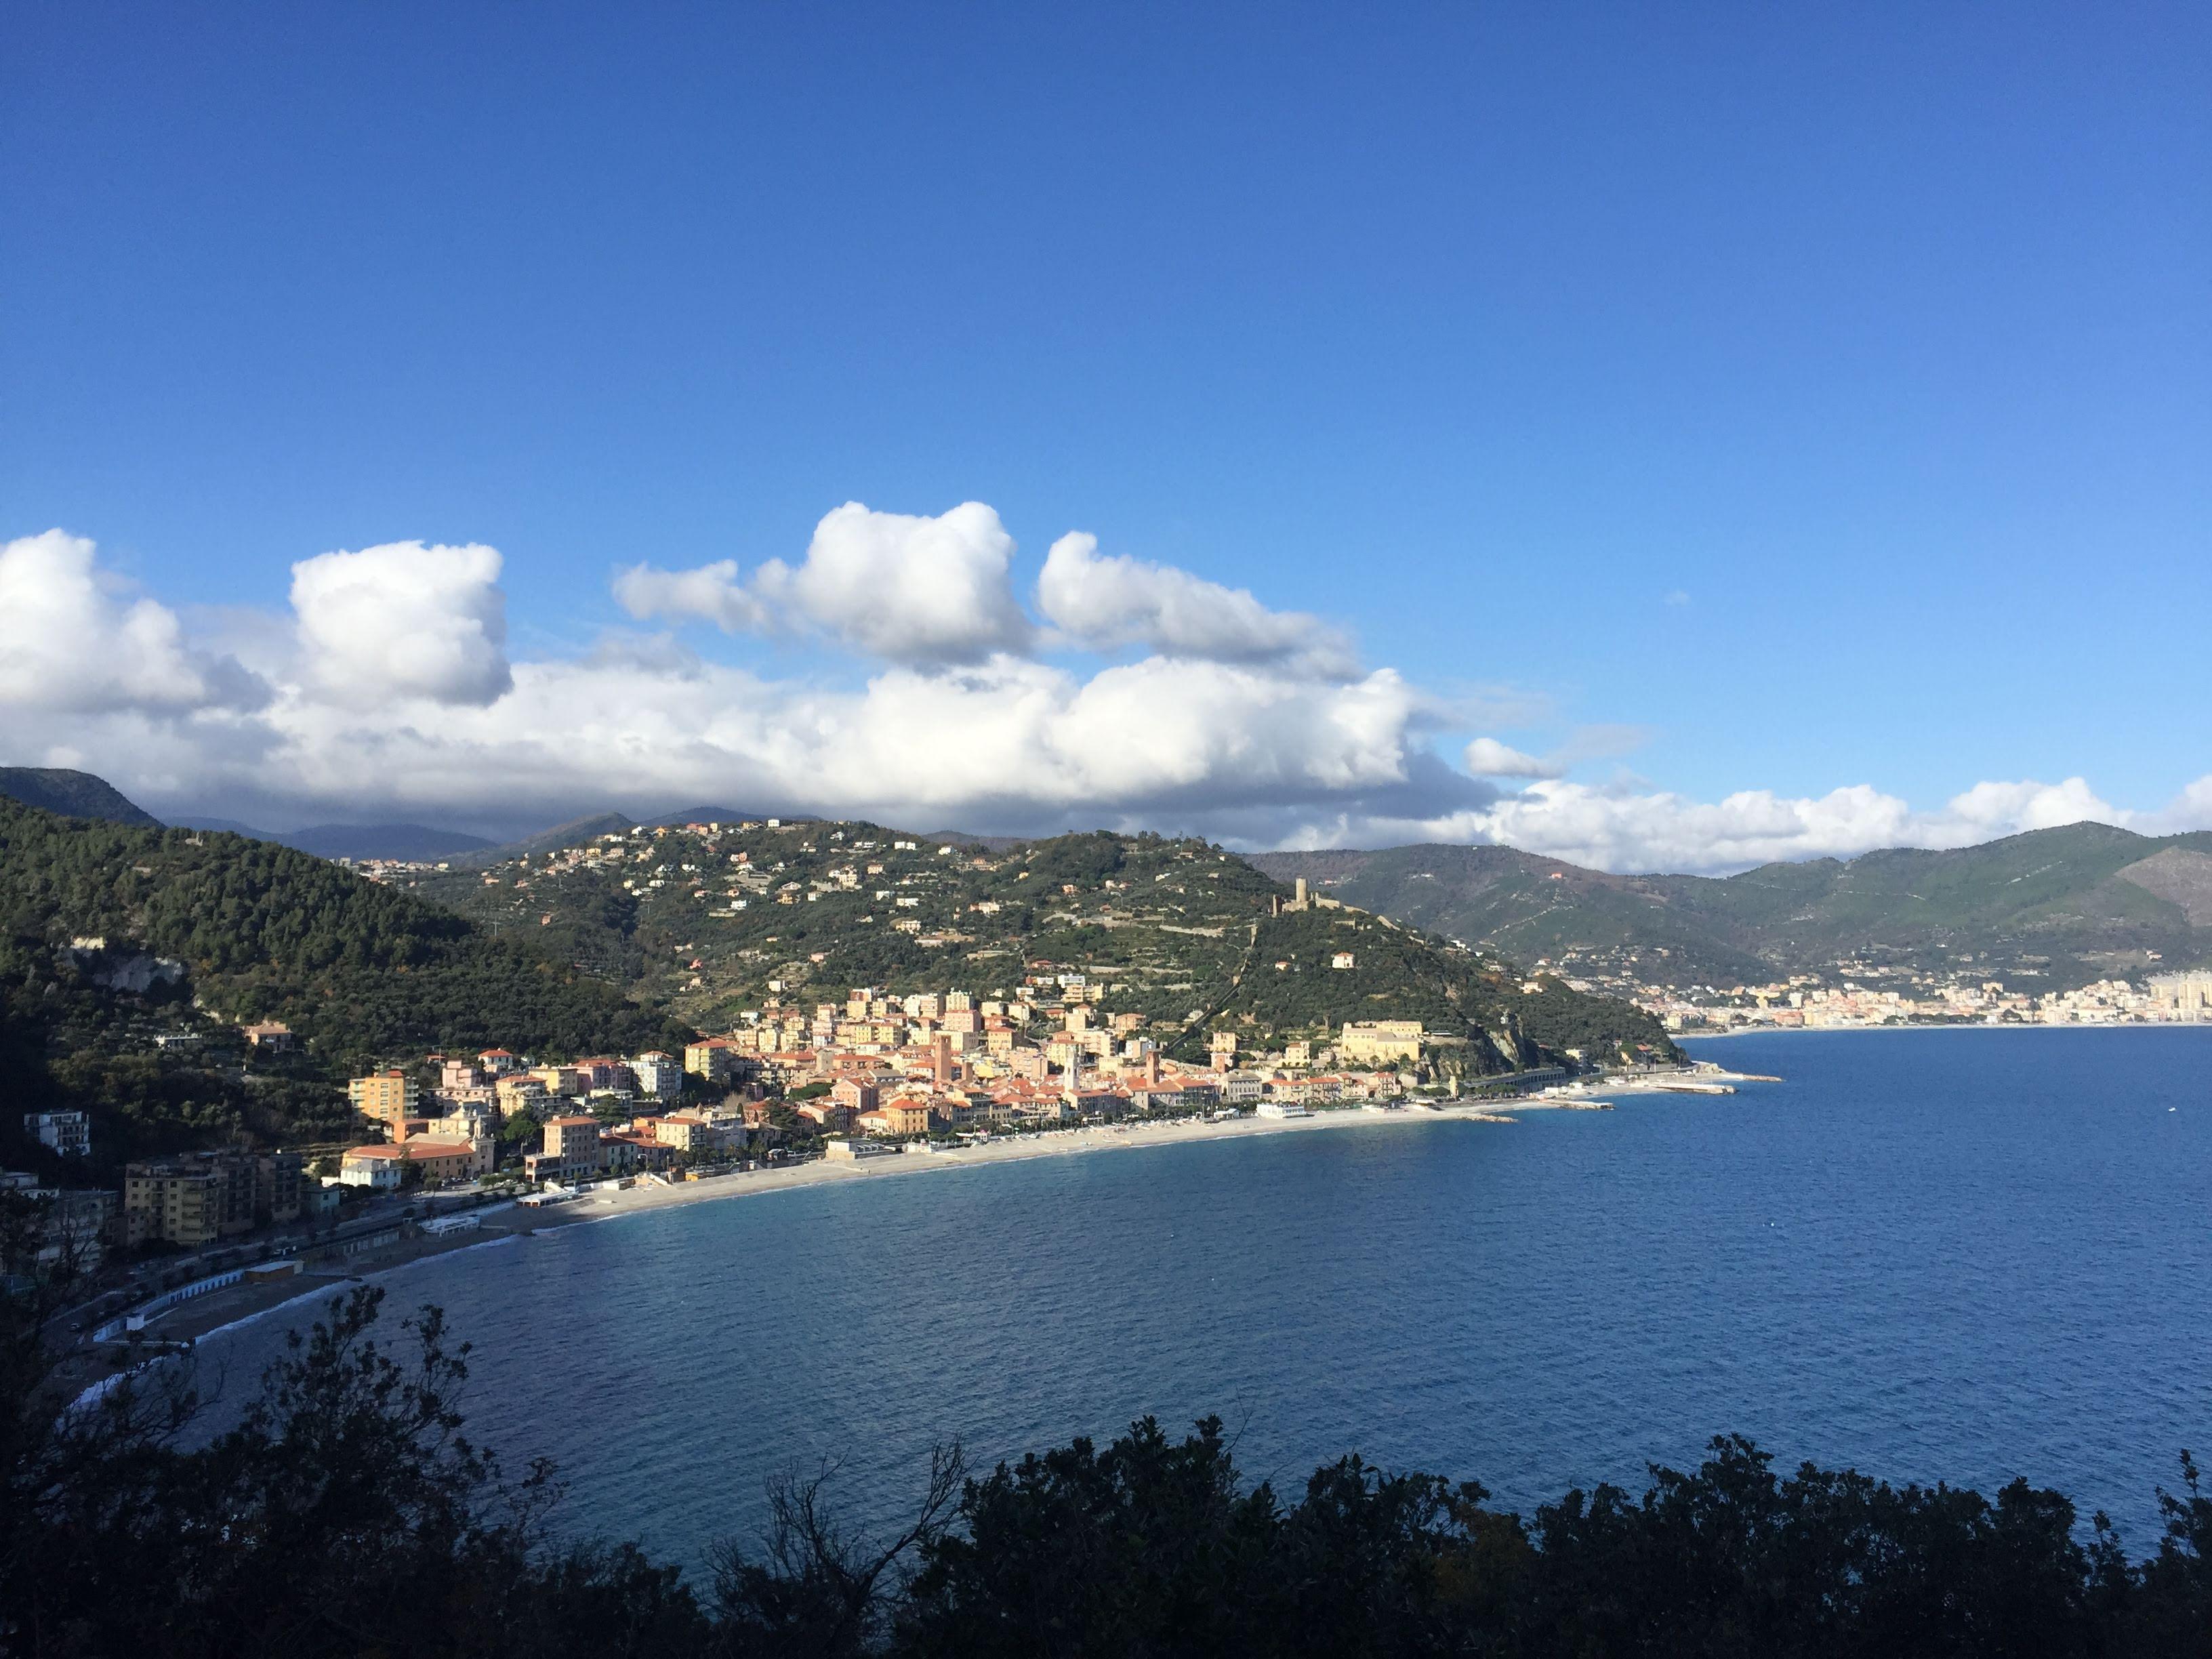 Hiking in Liguria, sentiero del Pellegrino view over Noli